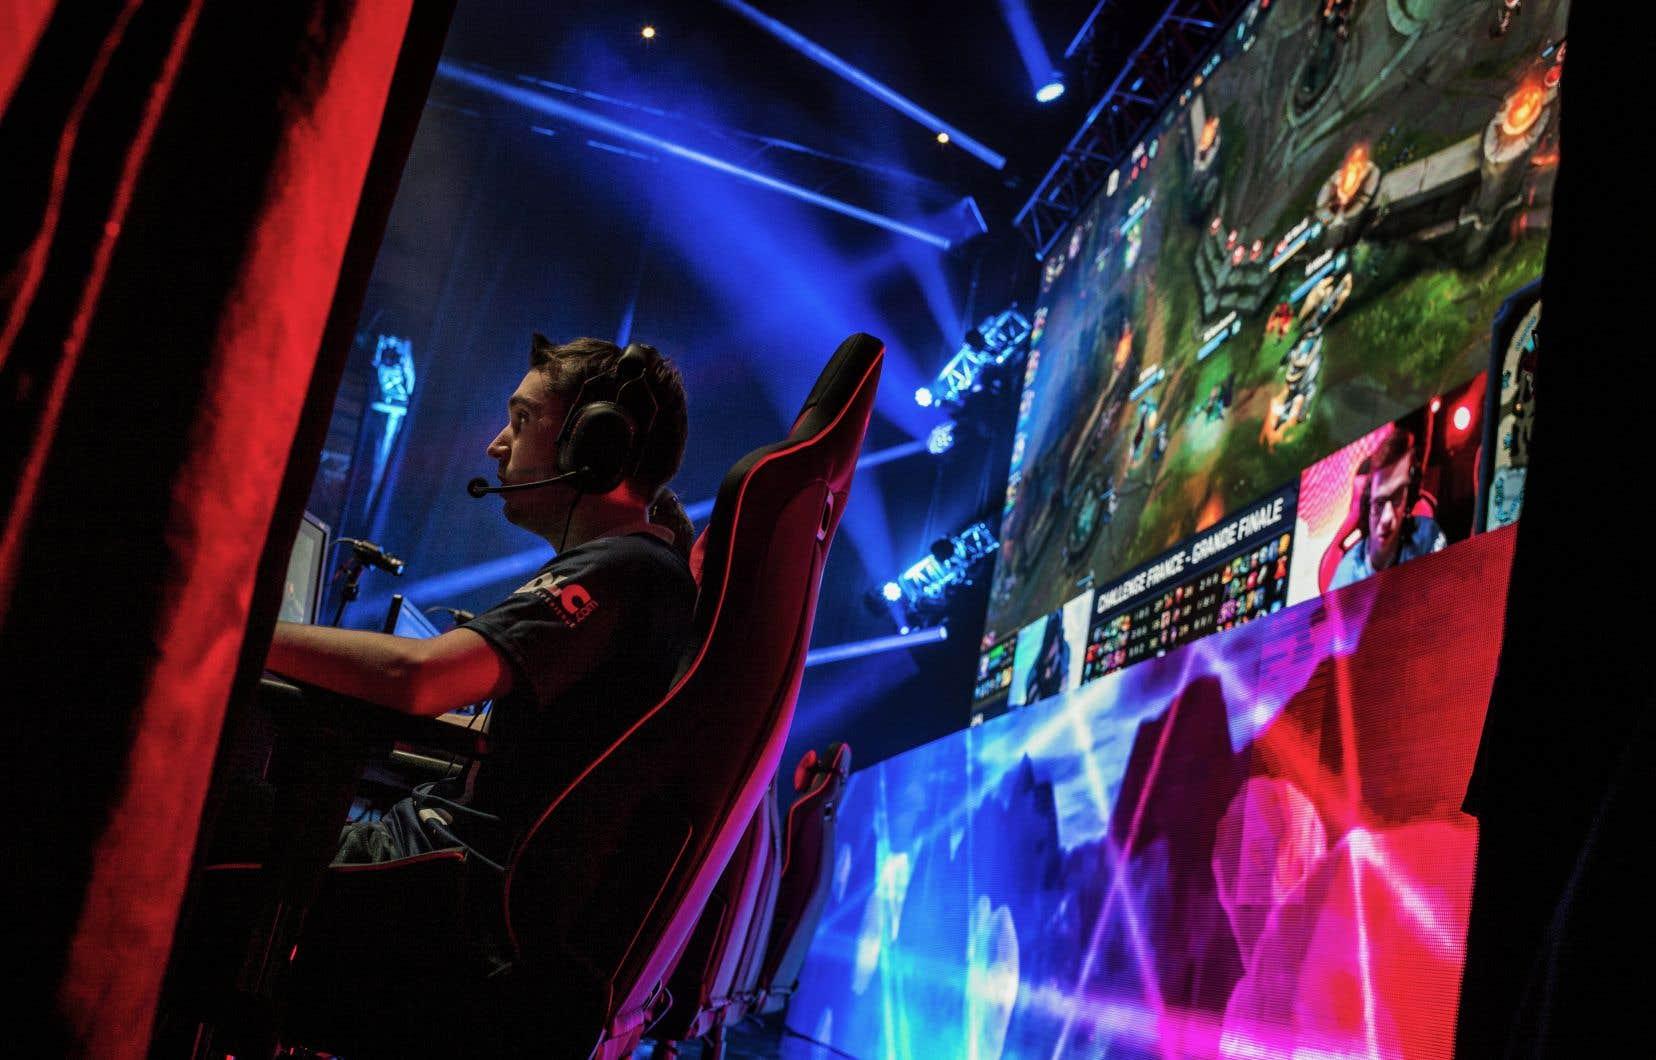 La plupart des compétitions de sport électronique dans le monde utilisent comme support des jeux vidéo éloignés du monde du sport, comme League of Legends, un jeu de stratégie, de loin le plus populaire.